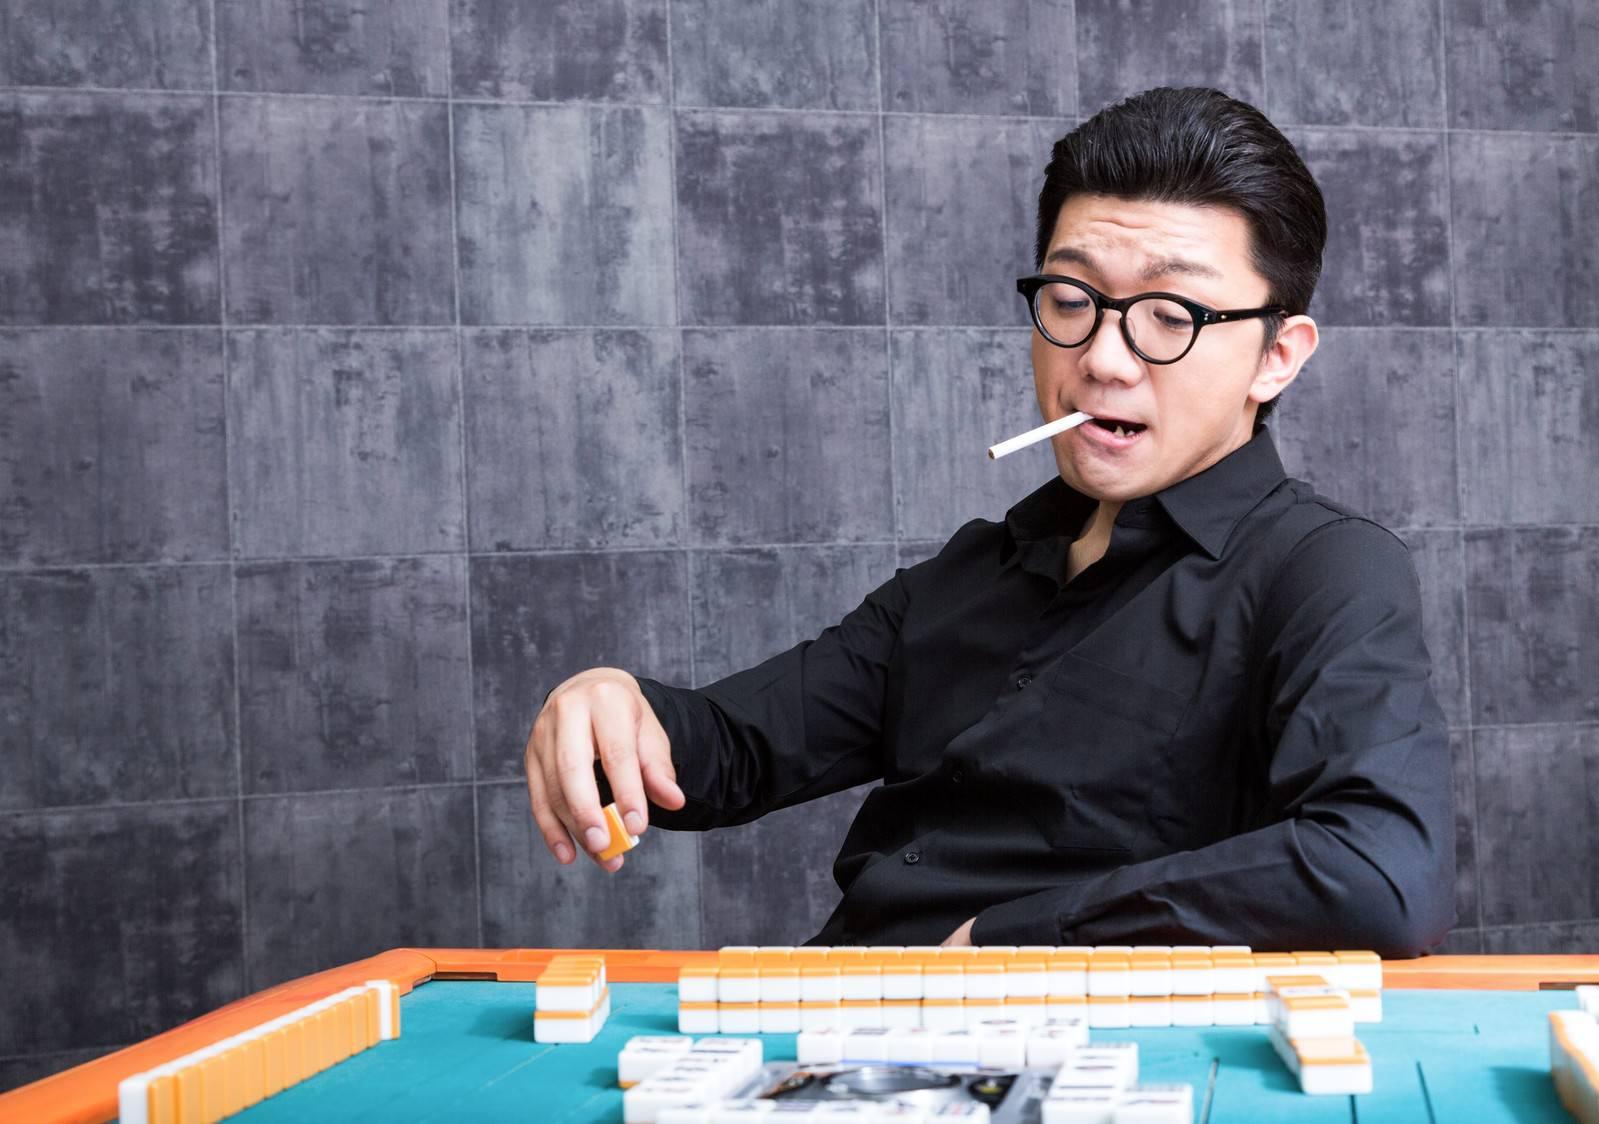 「麻雀マナー:くわえタバコはご遠慮ください」の写真[モデル:OZPA]